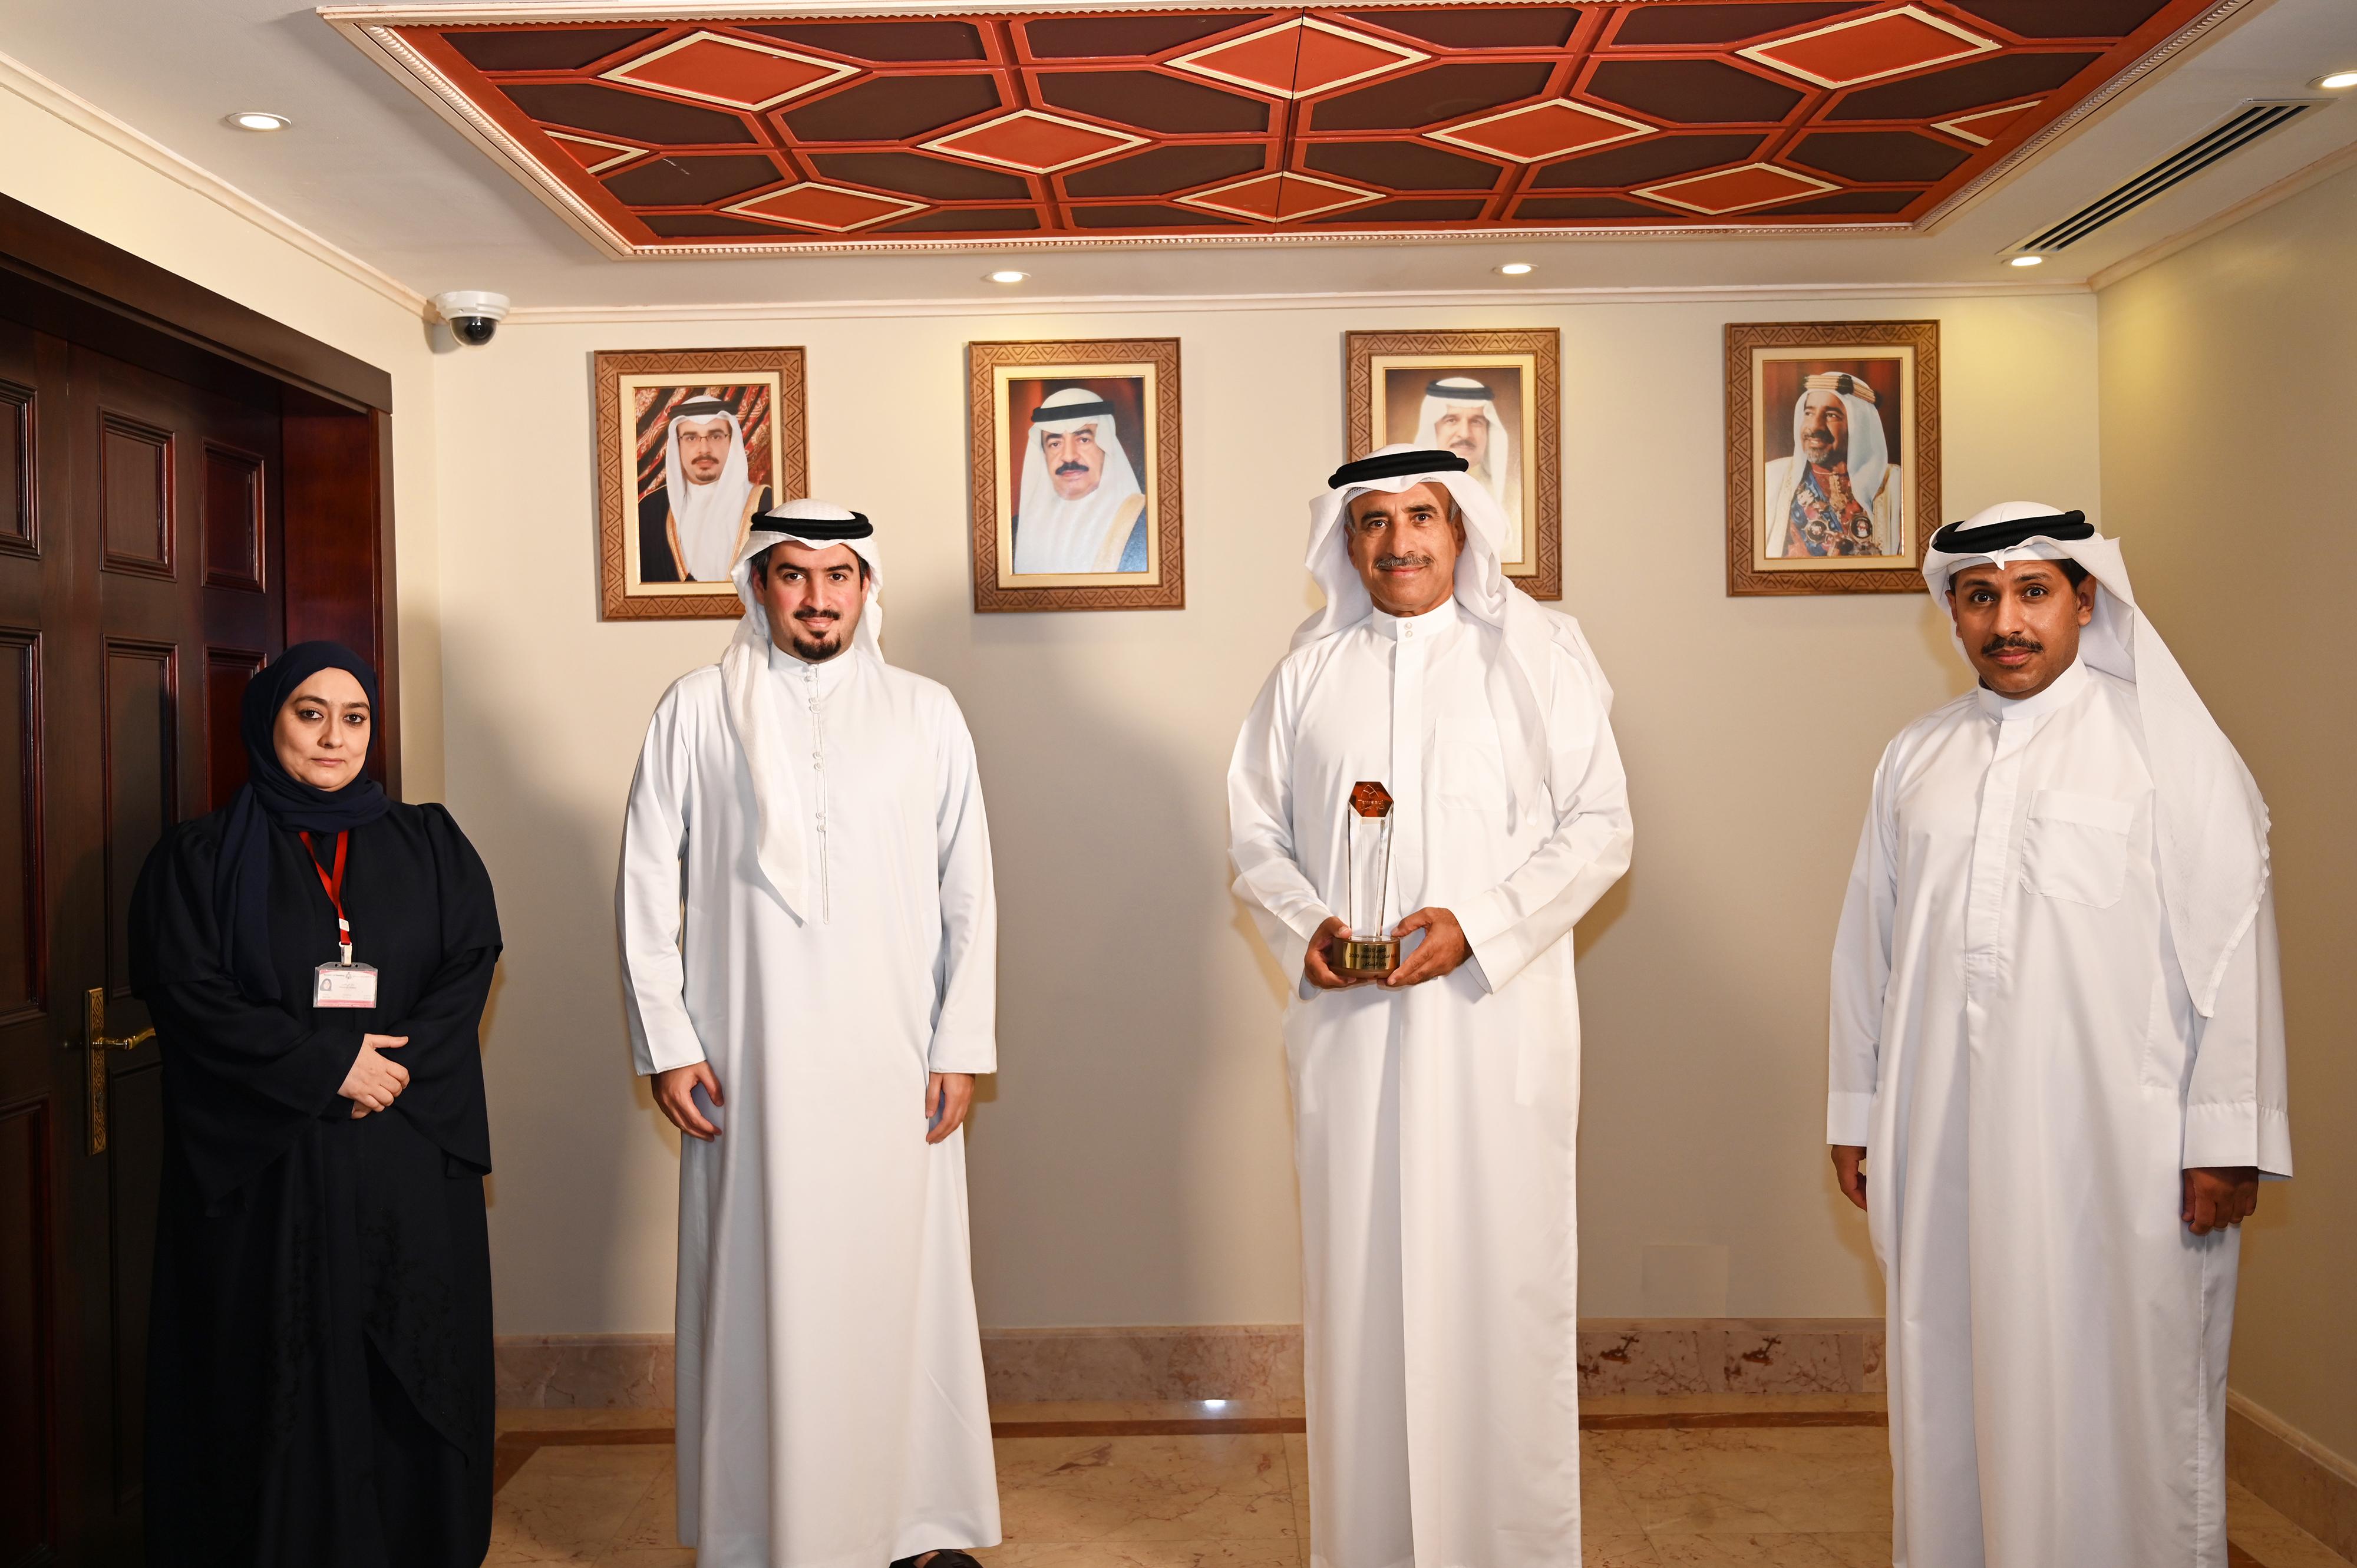 جائزة التميز في التواصل مع العملاء تترجم جهود الحكومة لخدمة المواطنين